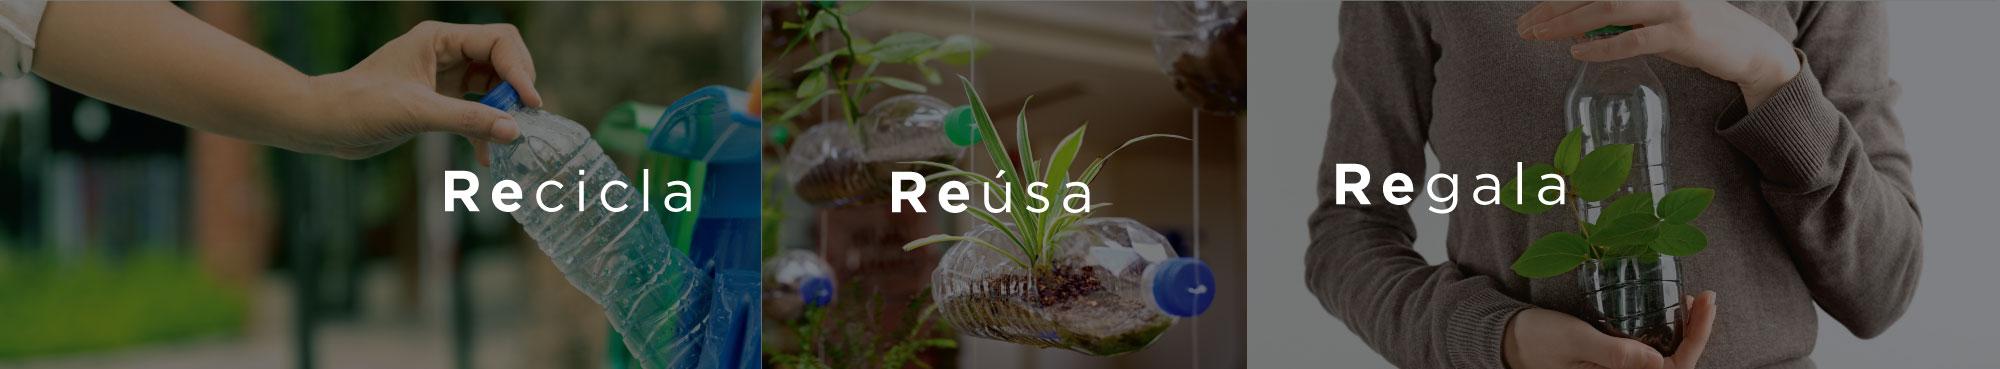 Recicla - Reúsa - Regala